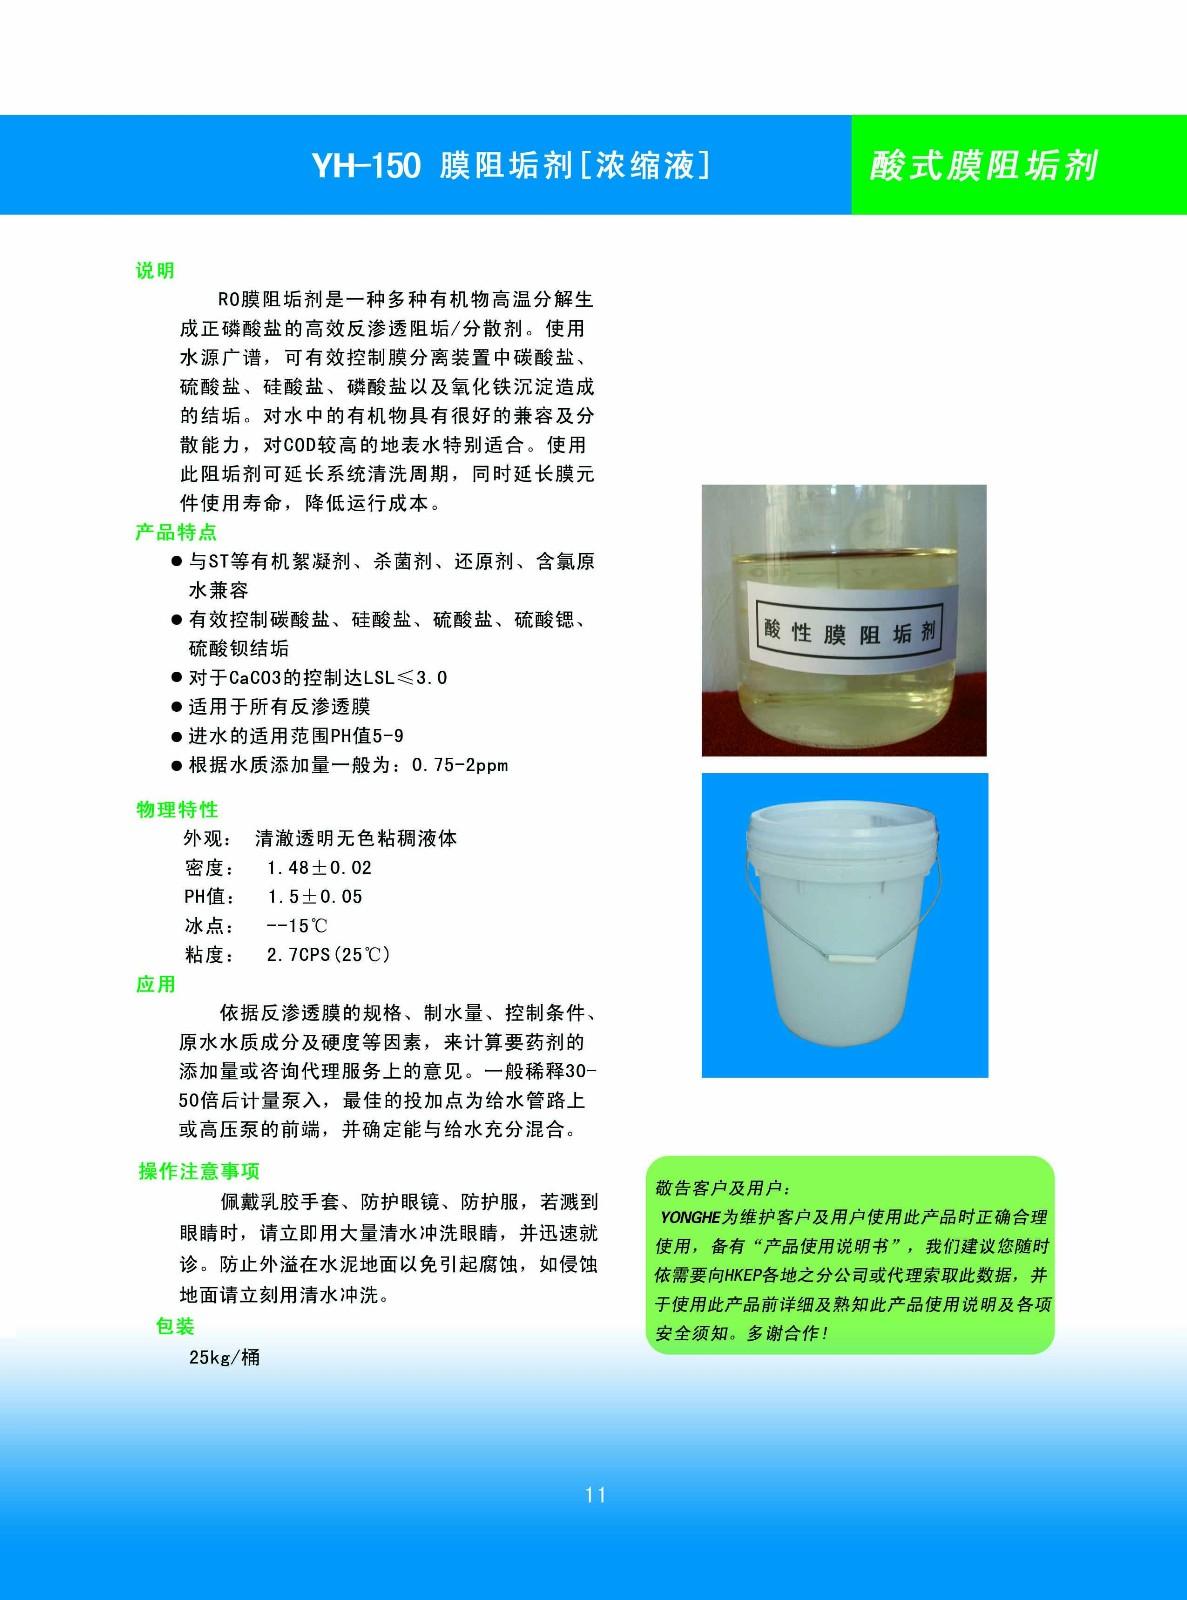 11 YH-150 酸式膜阻垢剂浓缩液.jpg